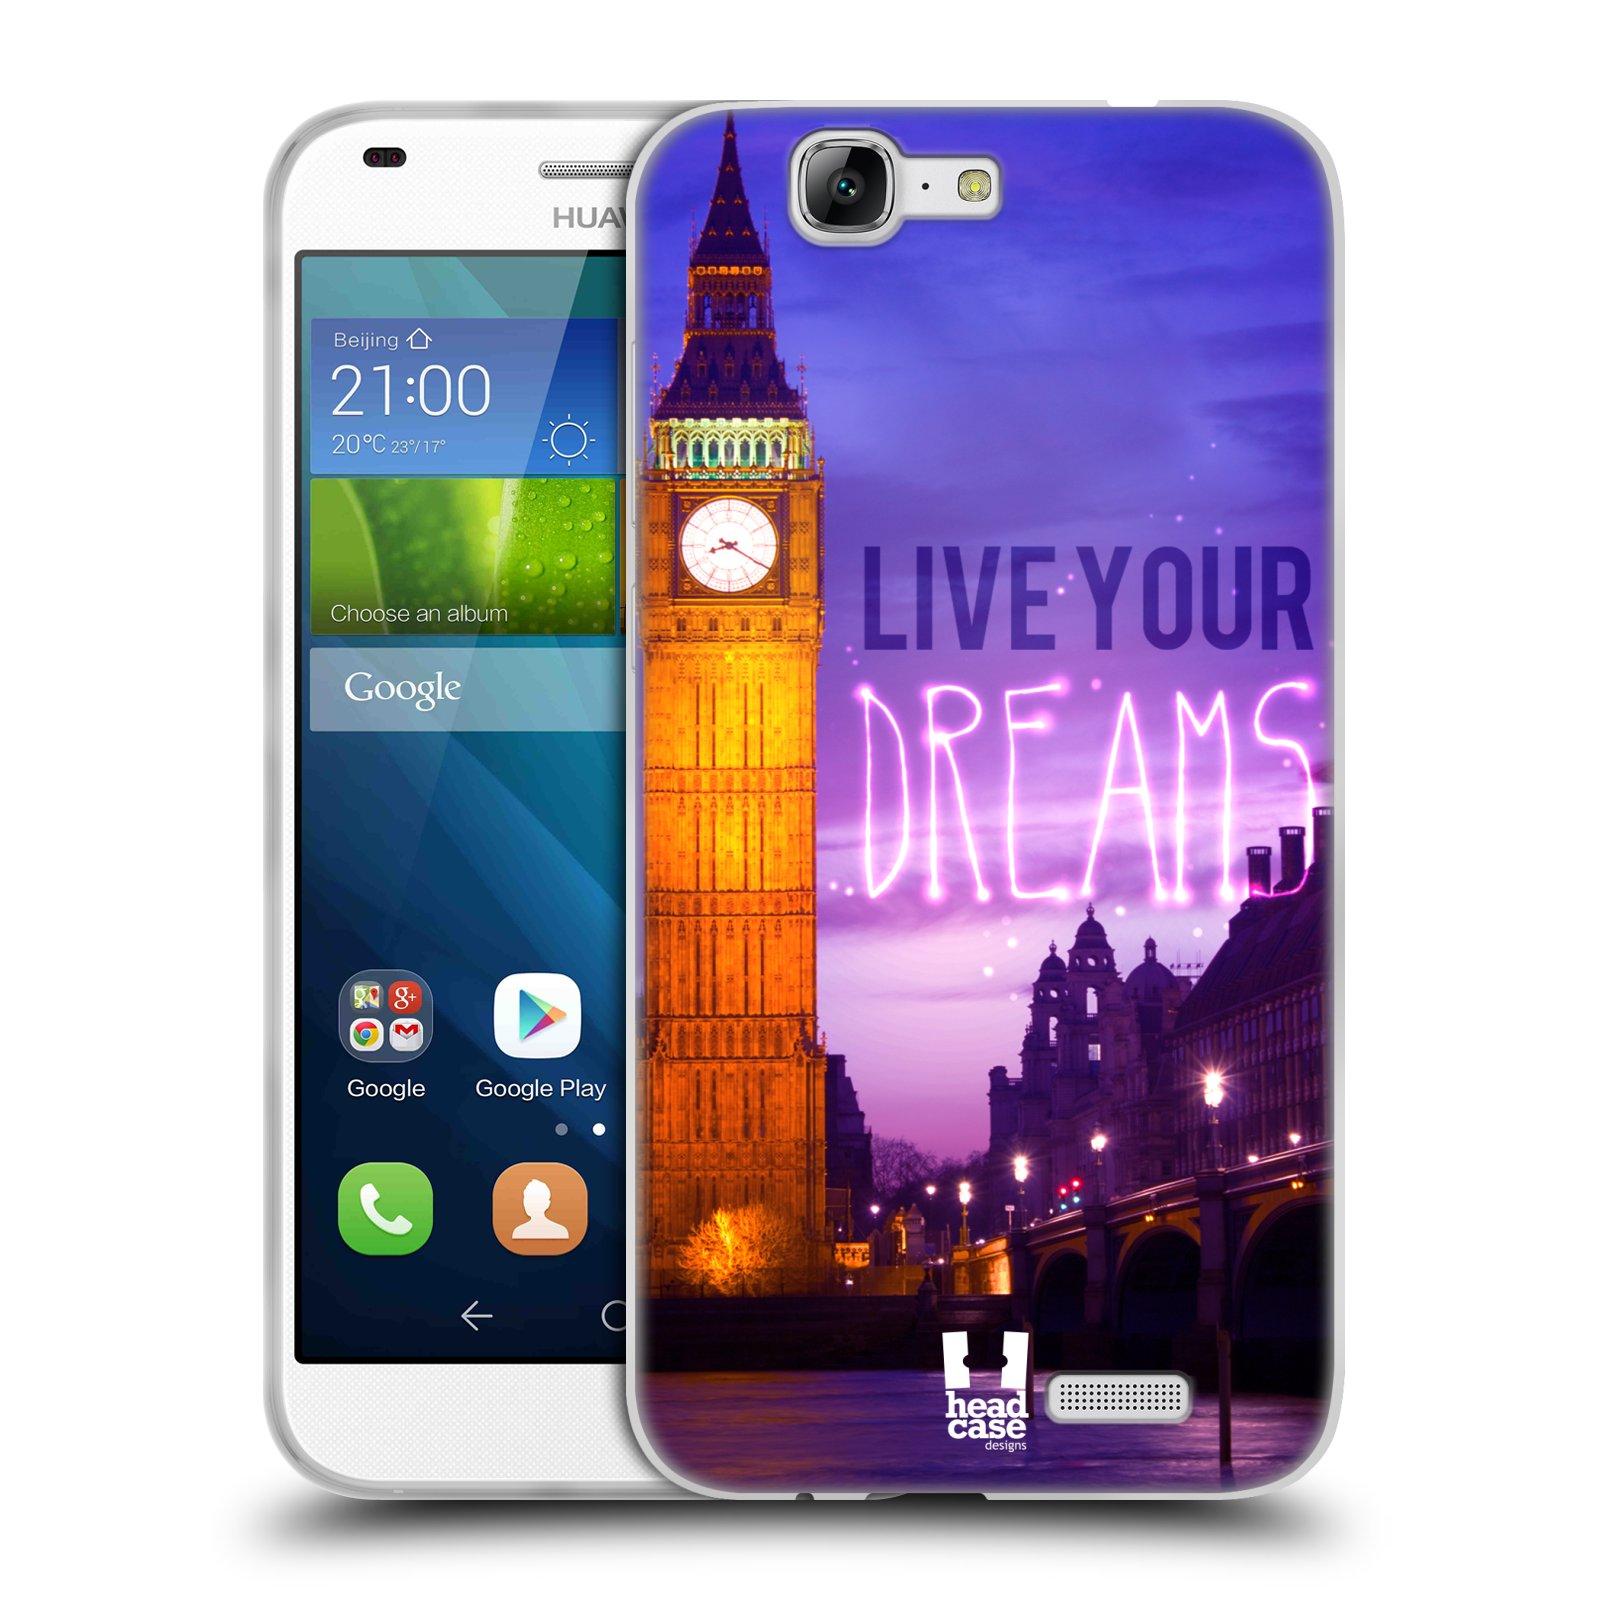 Silikonové pouzdro na mobil Huawei Ascend G7 HEAD CASE DREAMS (Silikonový kryt či obal na mobilní telefon Huawei Ascend G7)